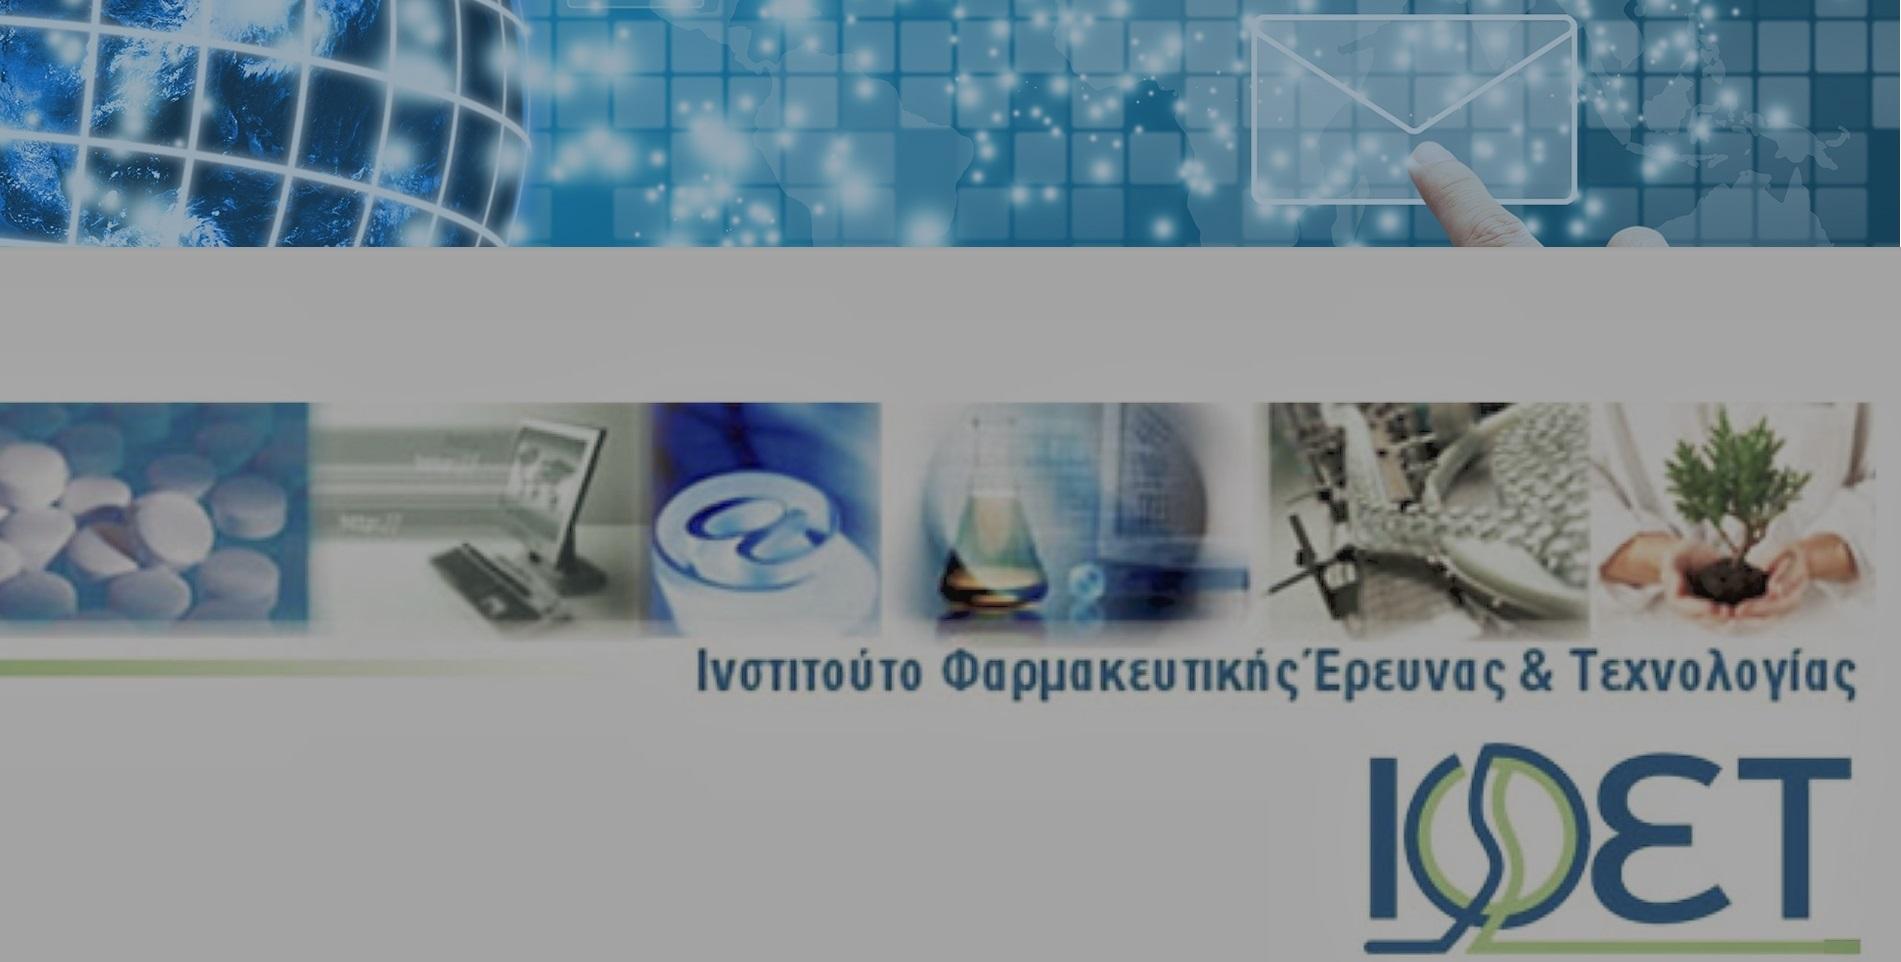 ΙΦΕΤ ιατρικός  εξοπλισμός : Πραγματοποιεί γρήγορες προμήθειες αλλά όχι νόμιμες και όχι φθηνές